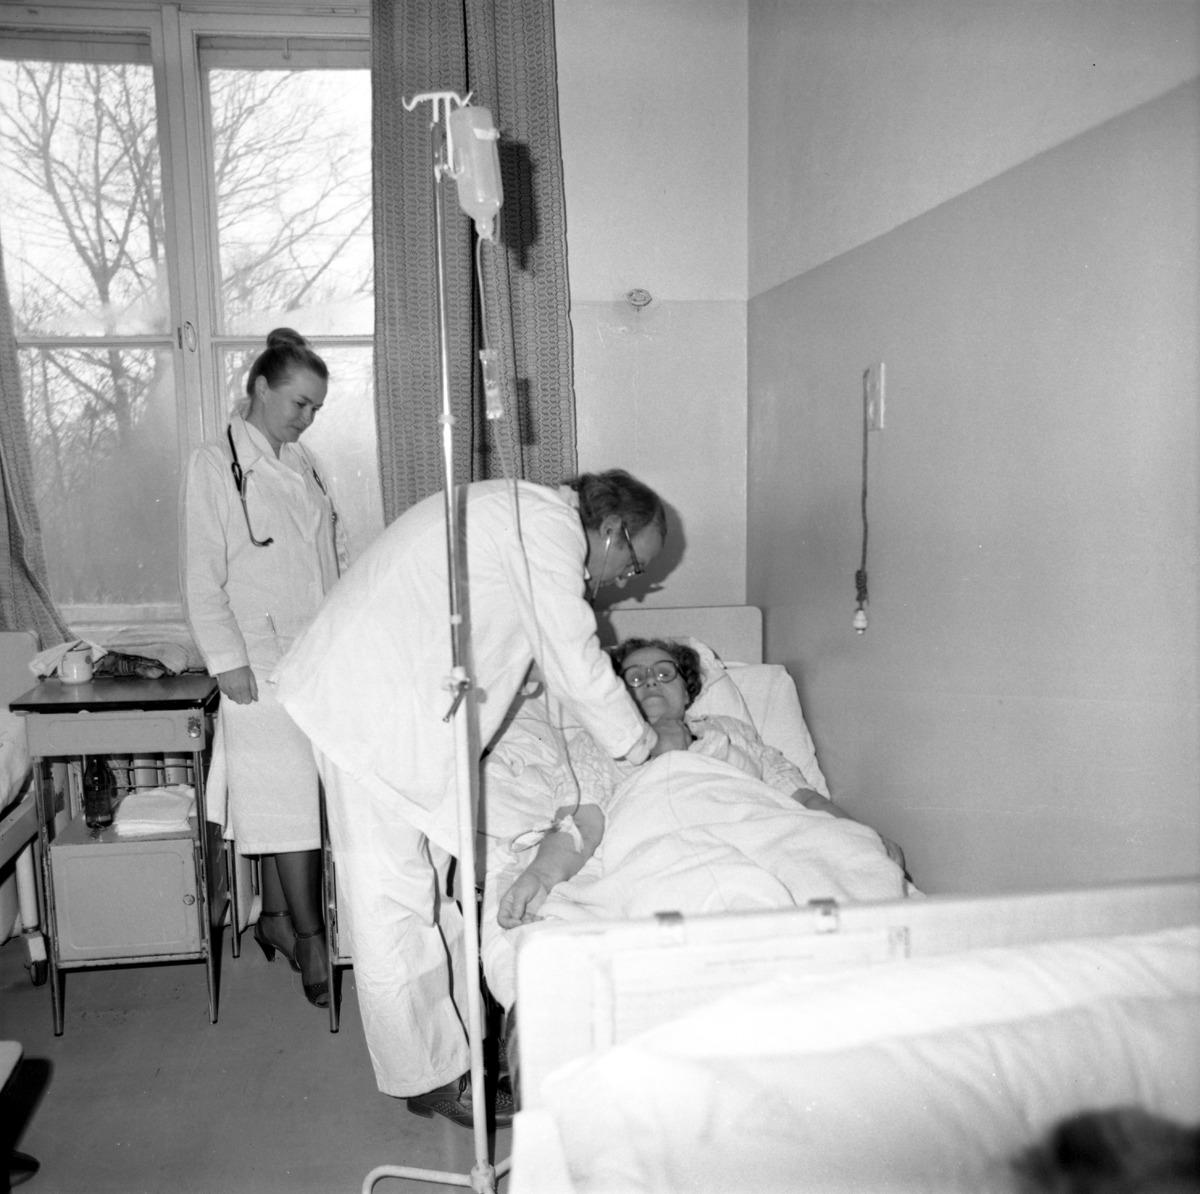 Dzień Służby Zdrowia w szpitalu ZOZ, 1986 r. [7]